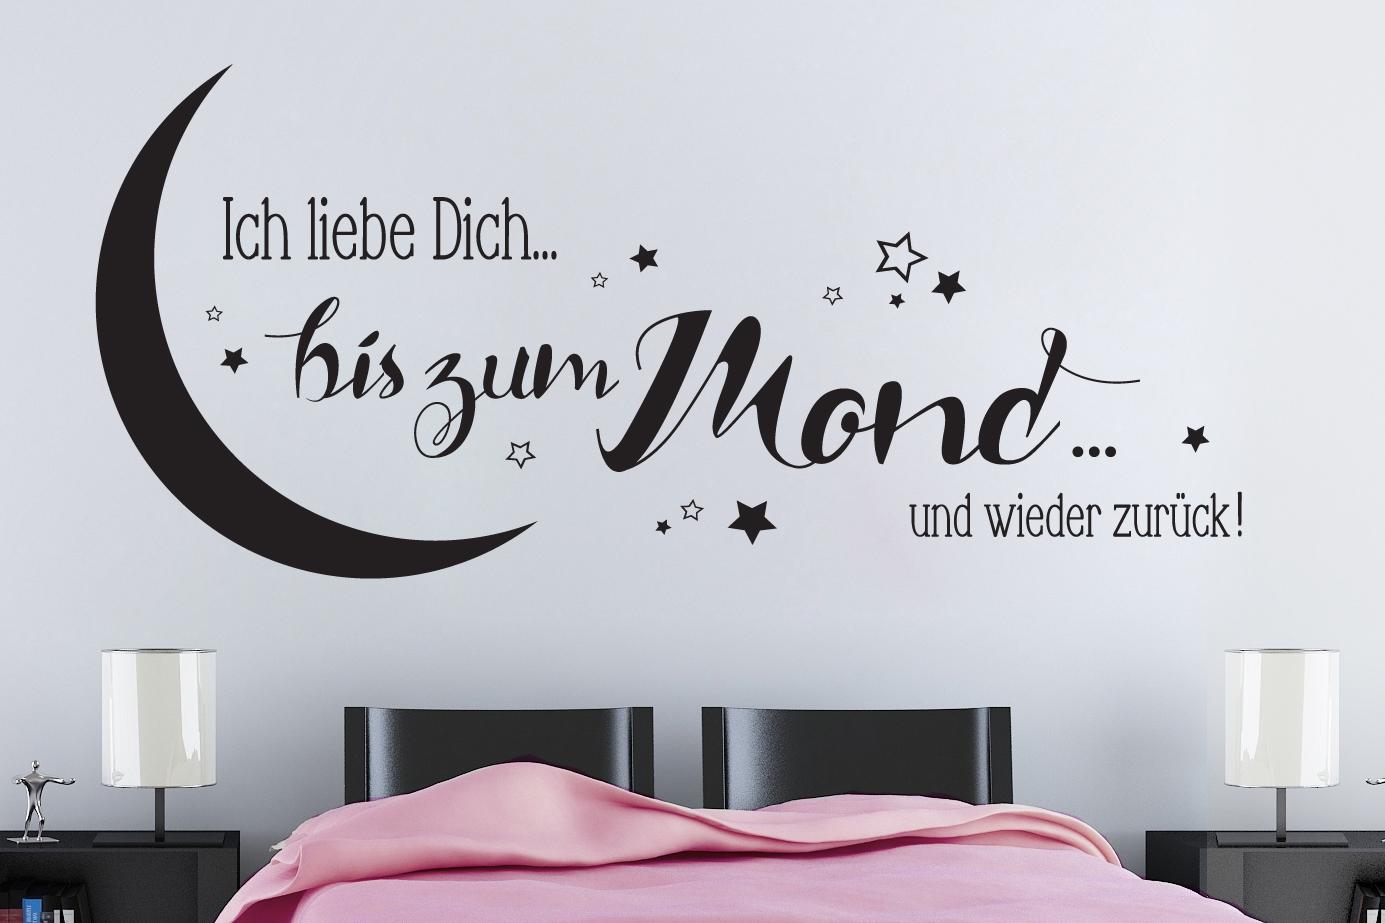 """Erstaunlich Ich Liebe Dich Bis Zum Mond Dekoration Von Wandaufkleber """"ich Und Wieder Zurück!"""" (672)"""